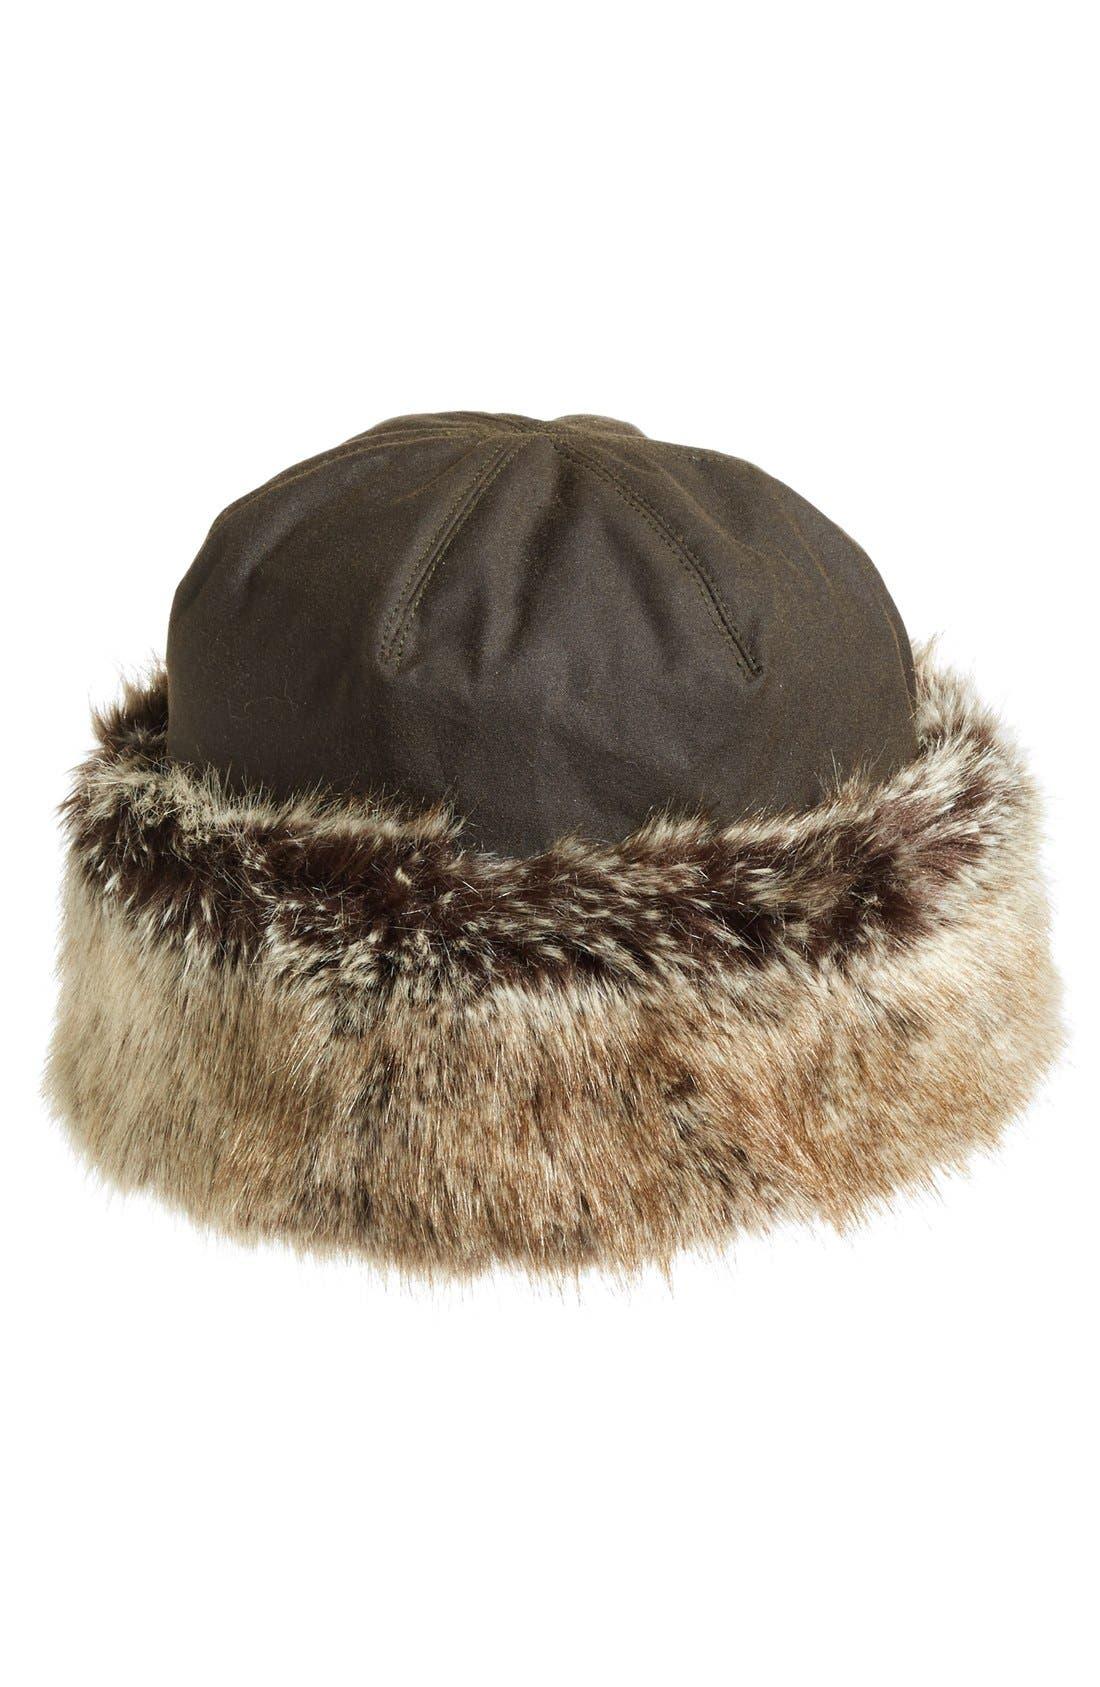 'Ambush' Waxed Cotton Hat with Faux Fur Trim,                             Main thumbnail 1, color,                             OLIVE